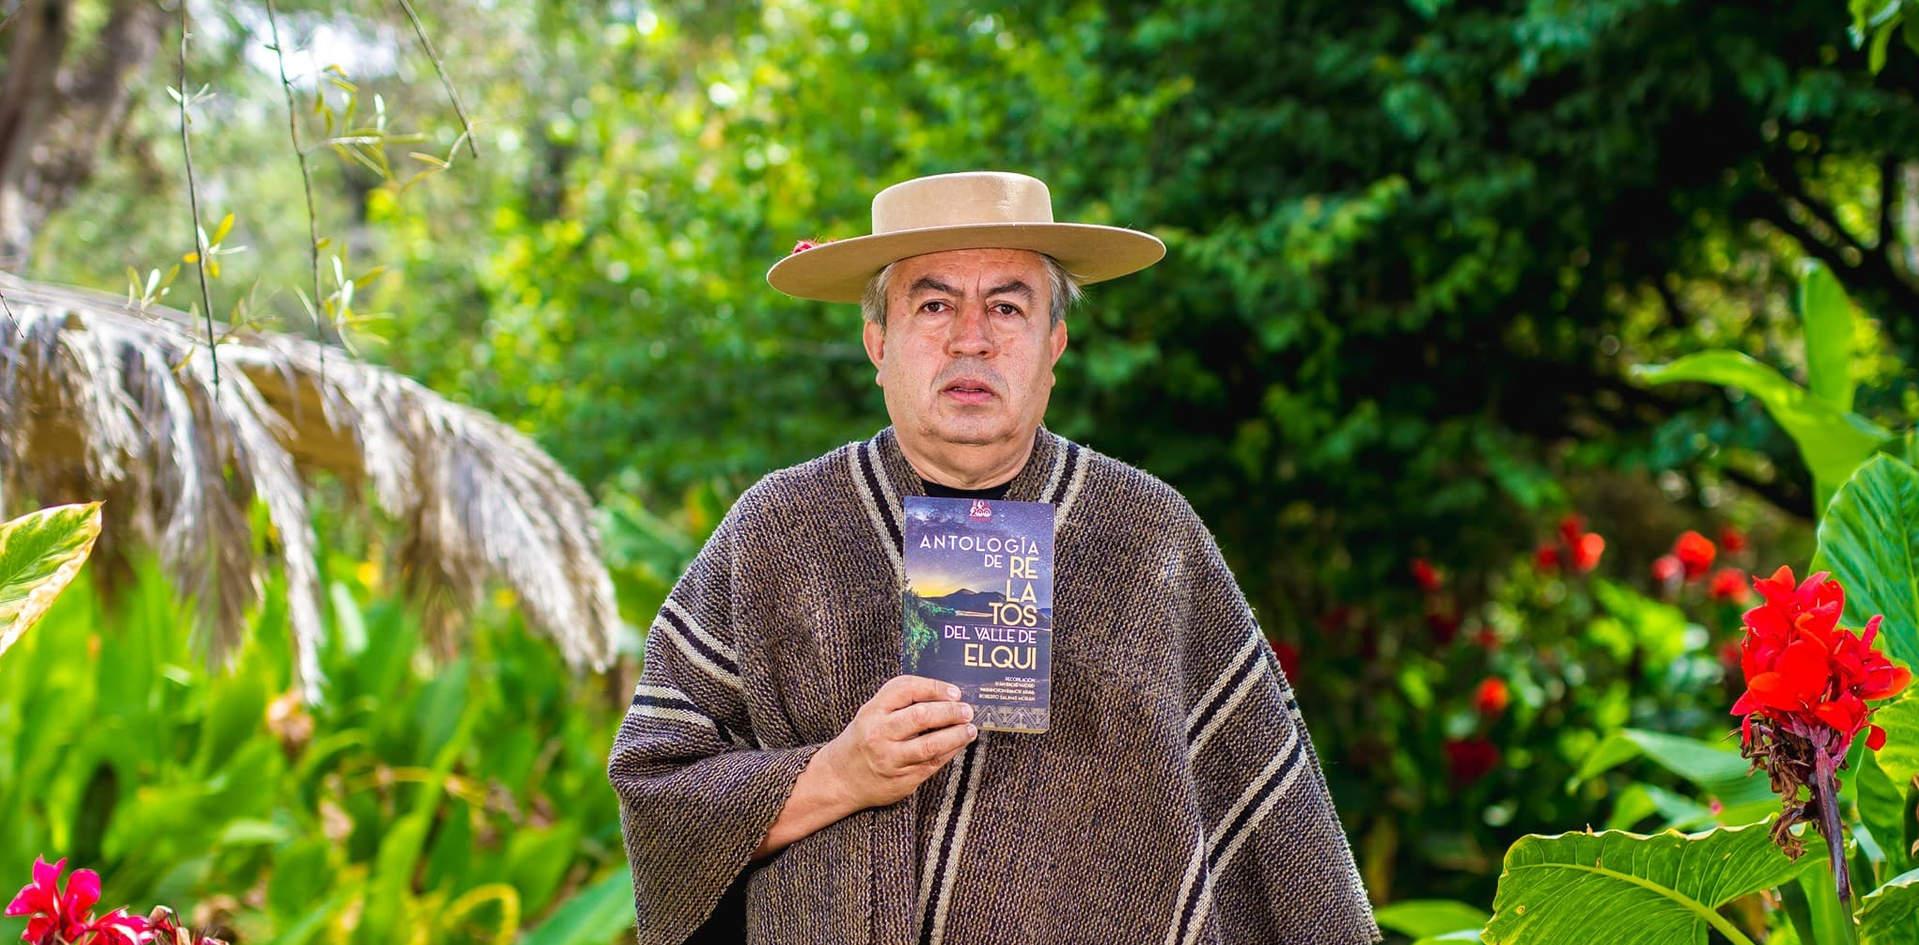 Iván Salas